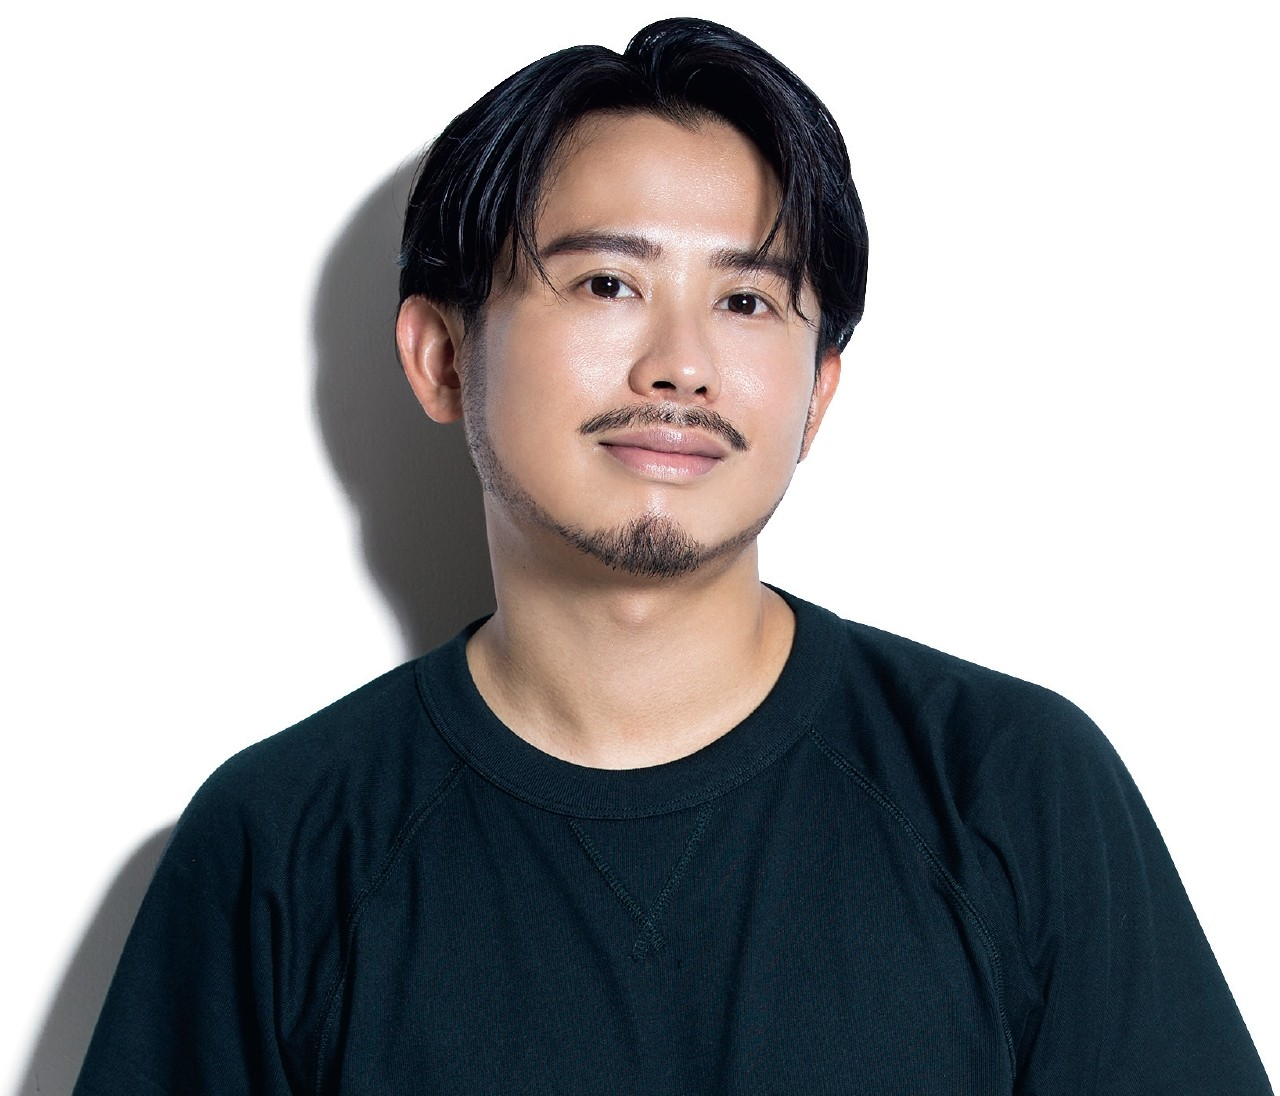 小田切ヒロさんが「引き算美容」にたどり着いたワケ。小学生時代からひもとく!【小田切ヒロさんの美容金言3】